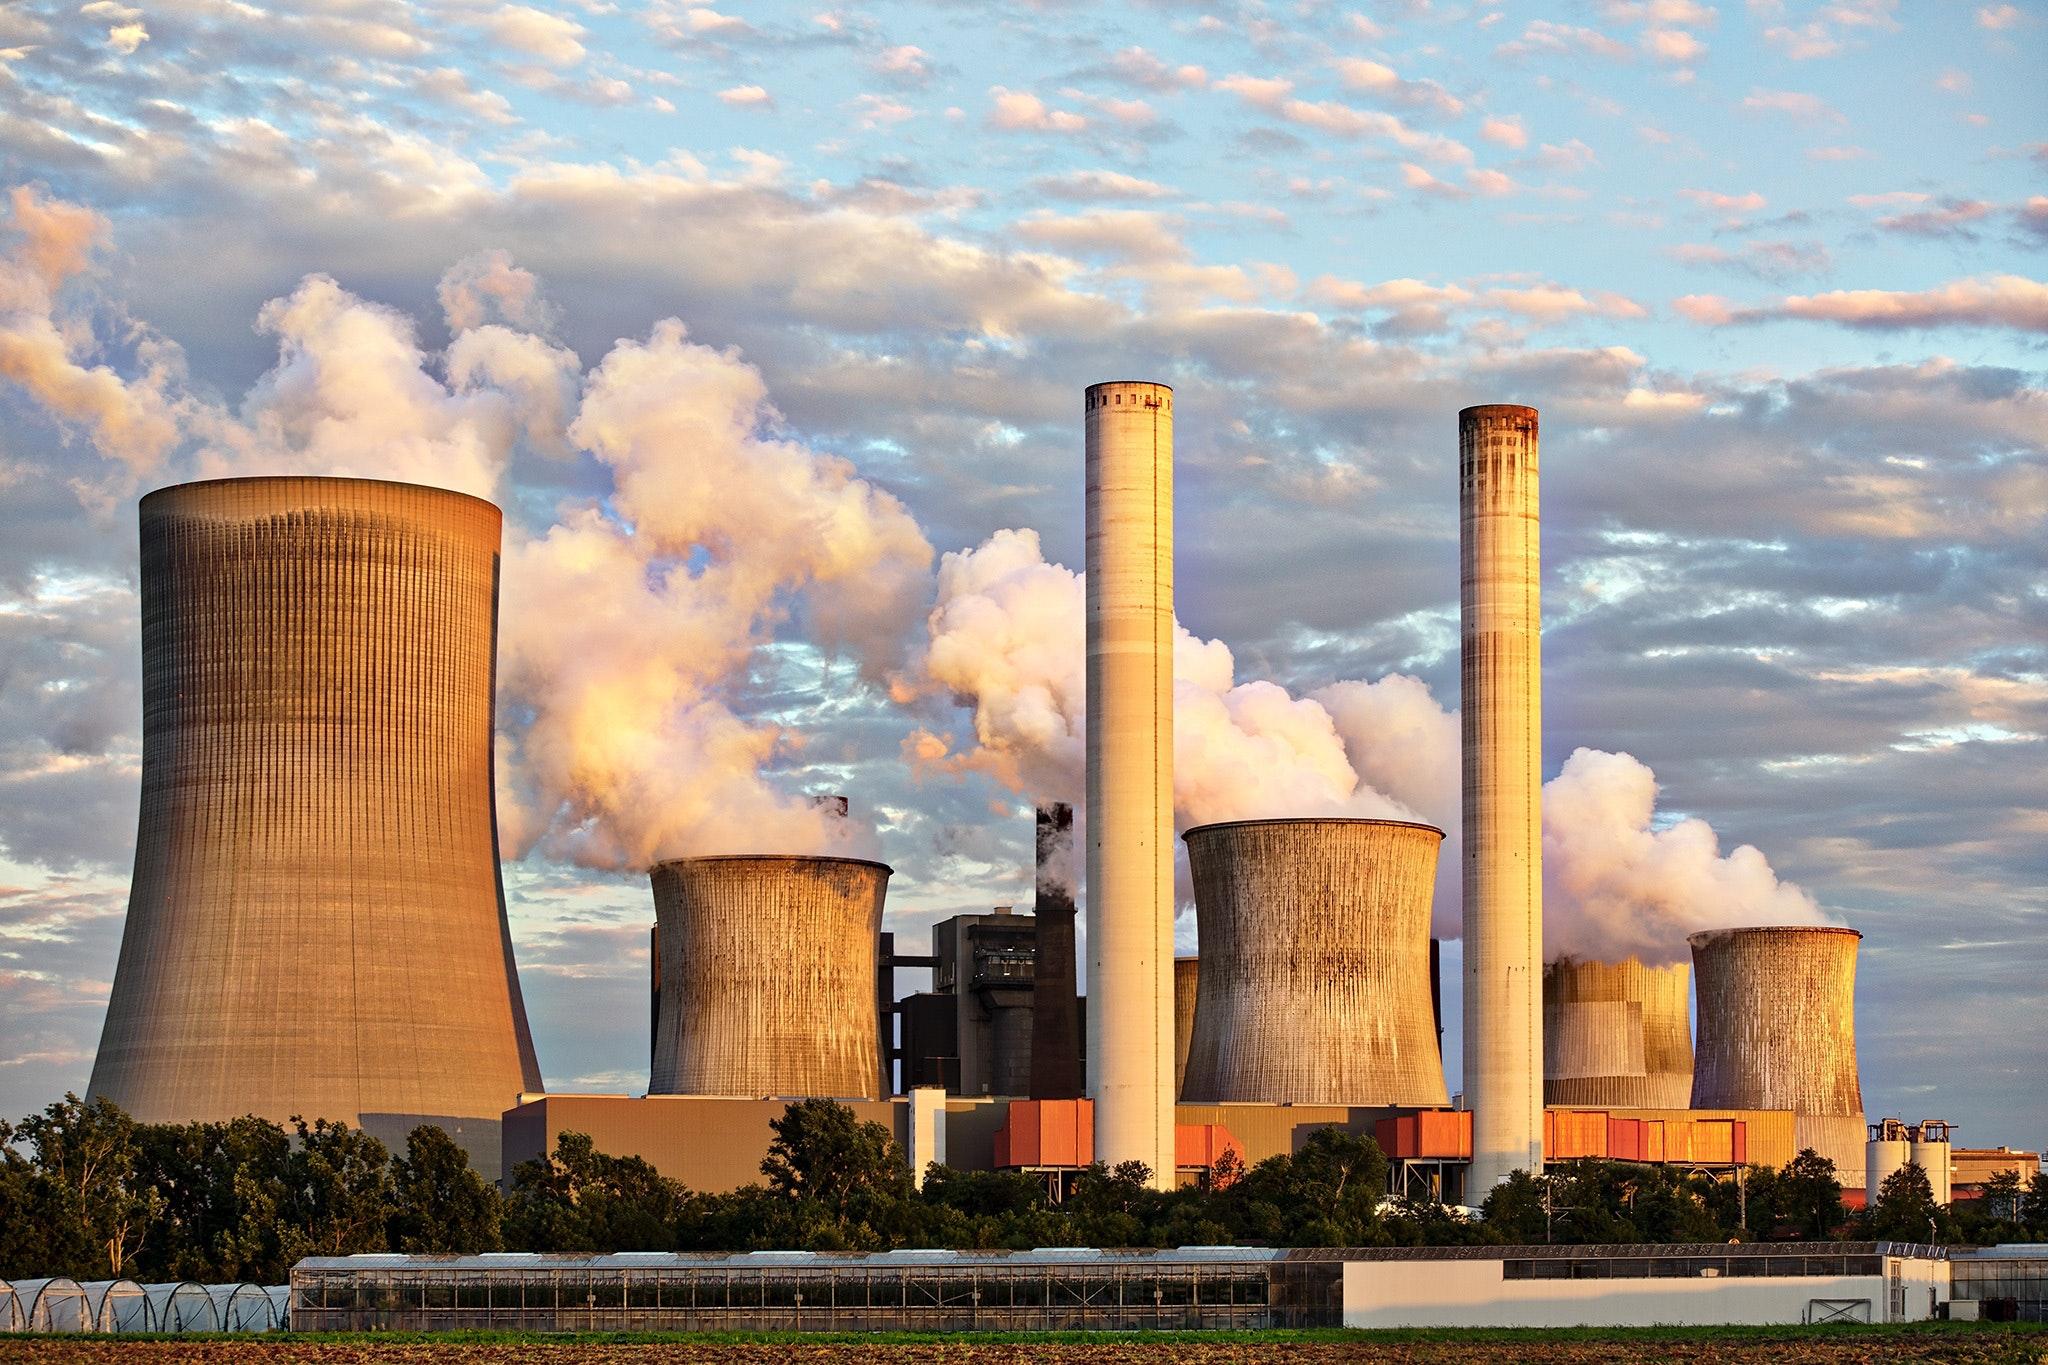 Científicos descubren cómo transformar el CO2 en combustible